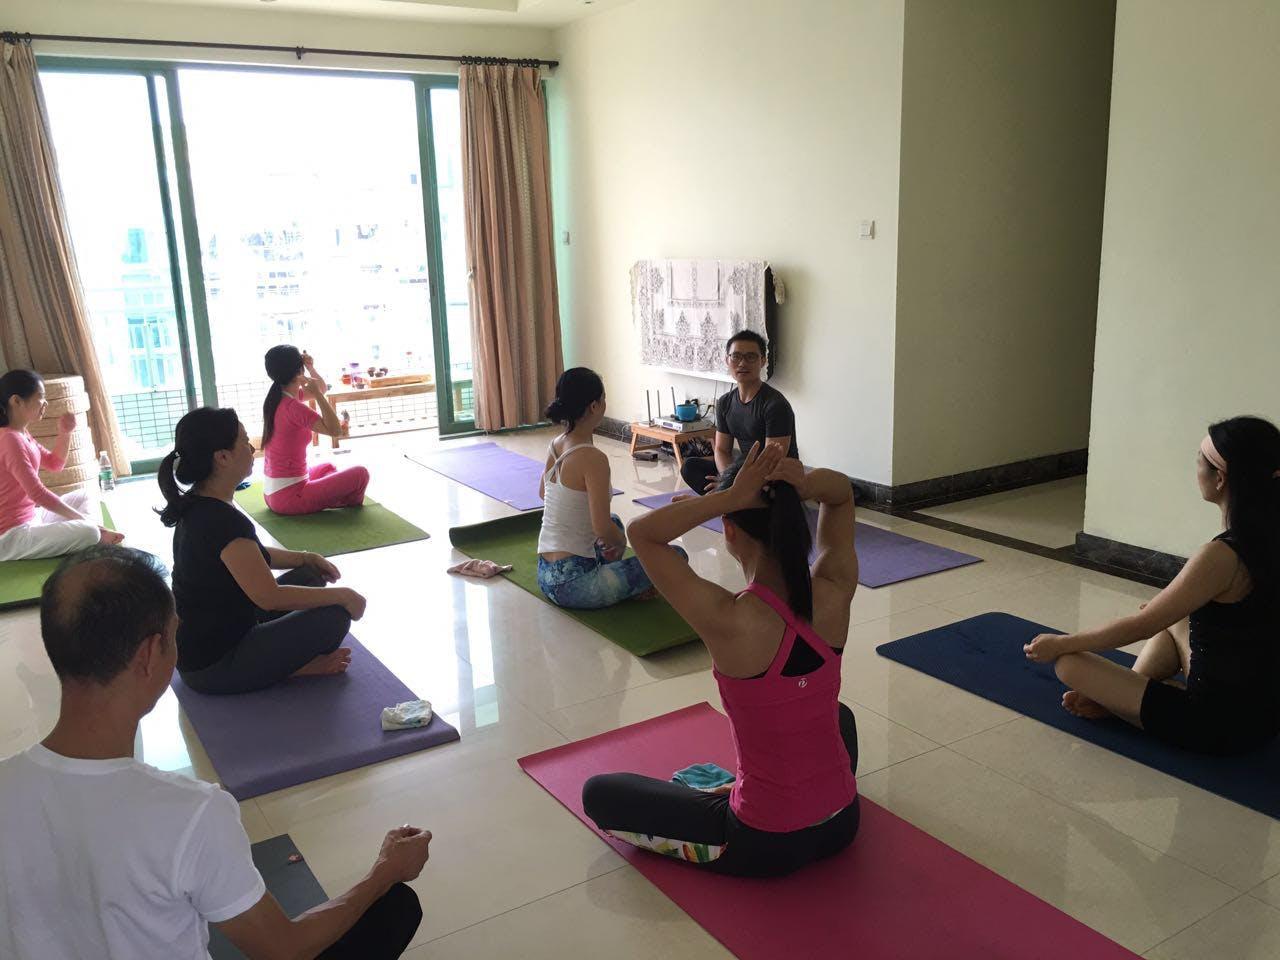 2016年9月11日素心瑜伽广州公益瑜伽 (11).jpg